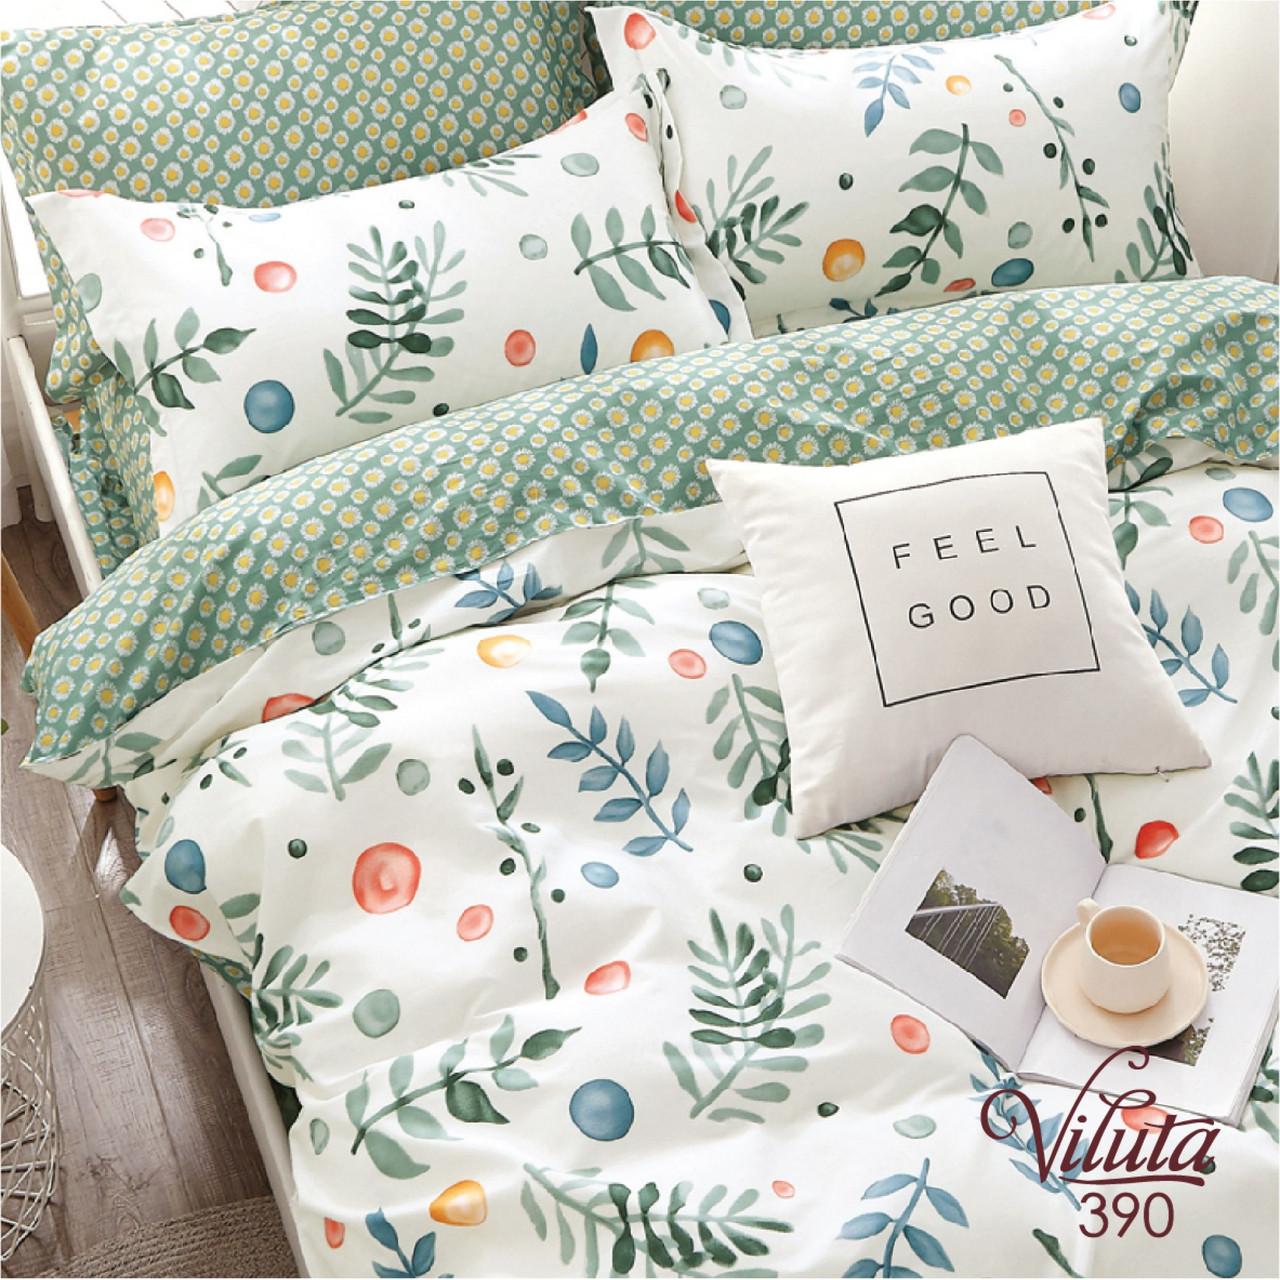 Комплект постельного белья сатин 390 Viluta Евро